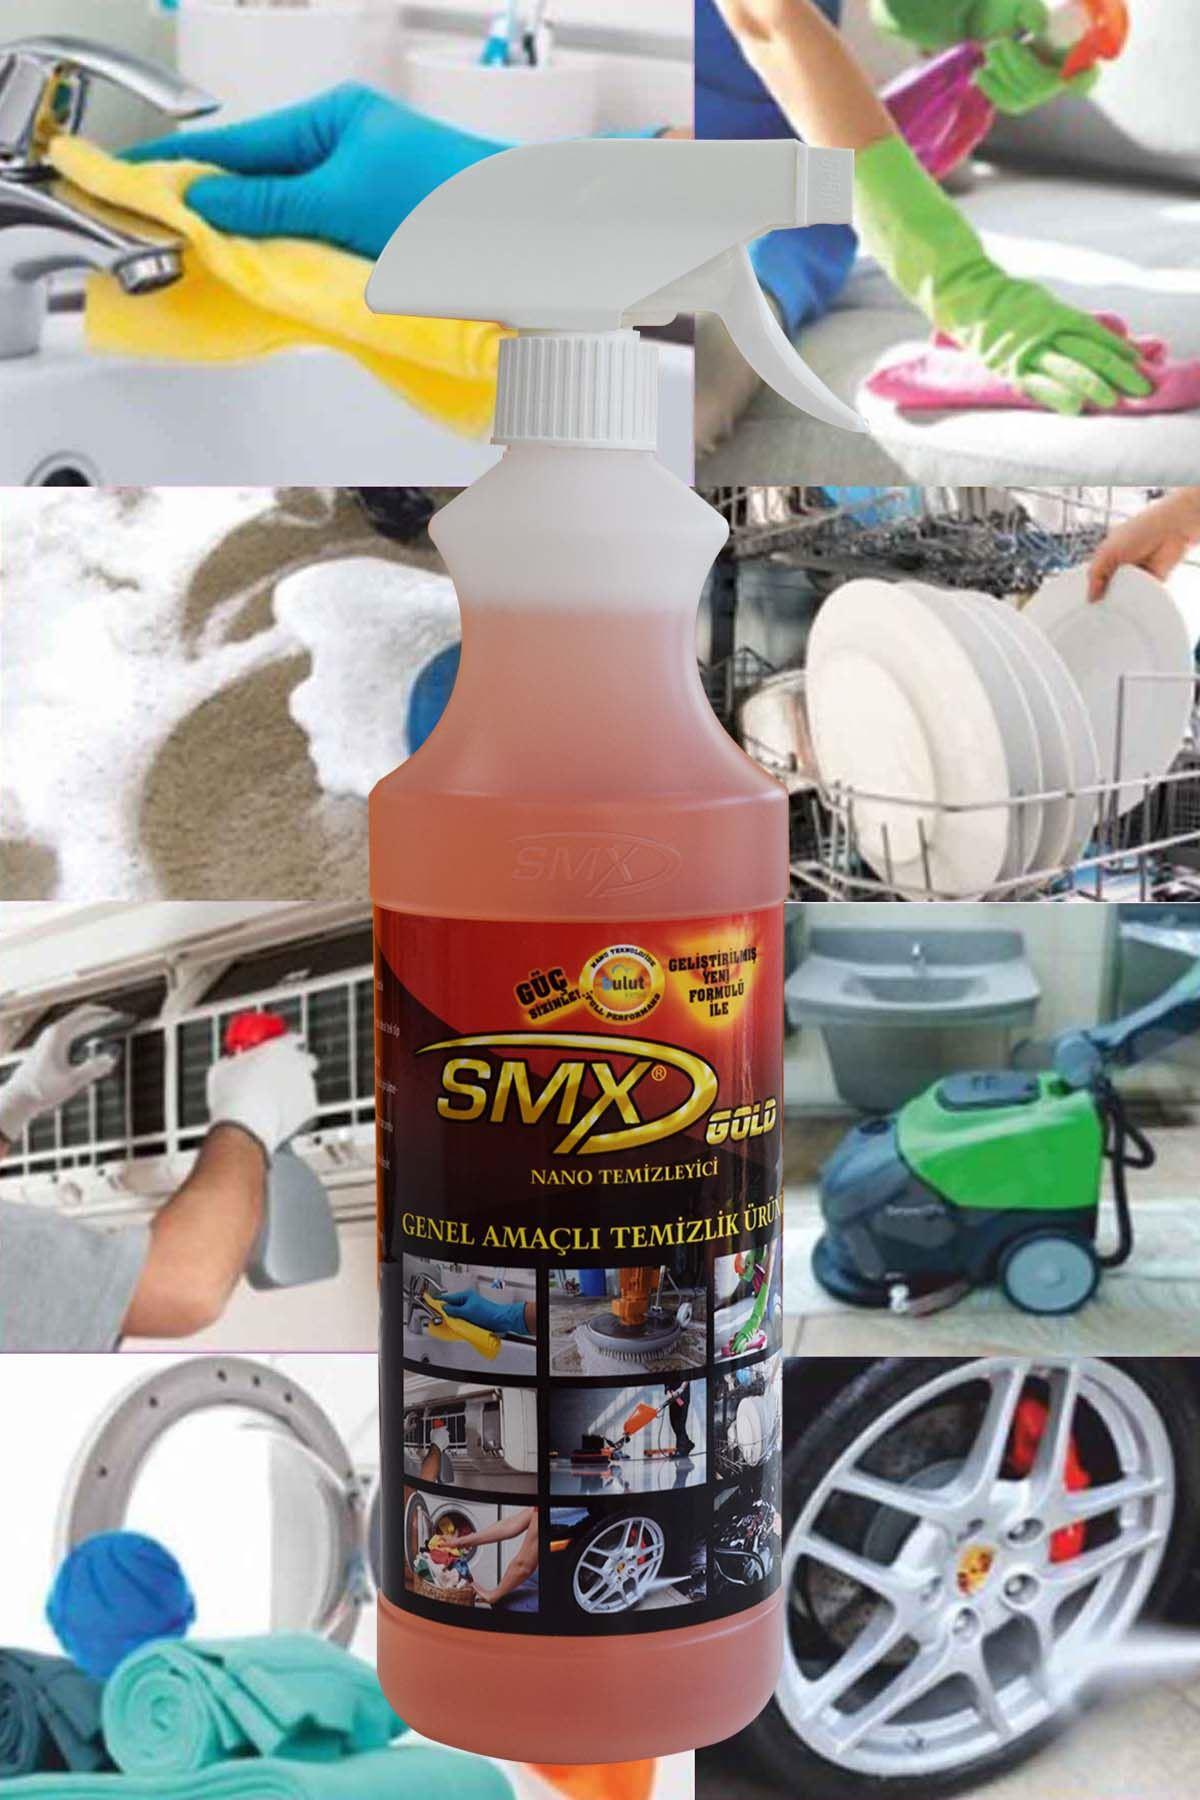 SMX Nano Genel Amaçlı Temizleyici 3 Adet